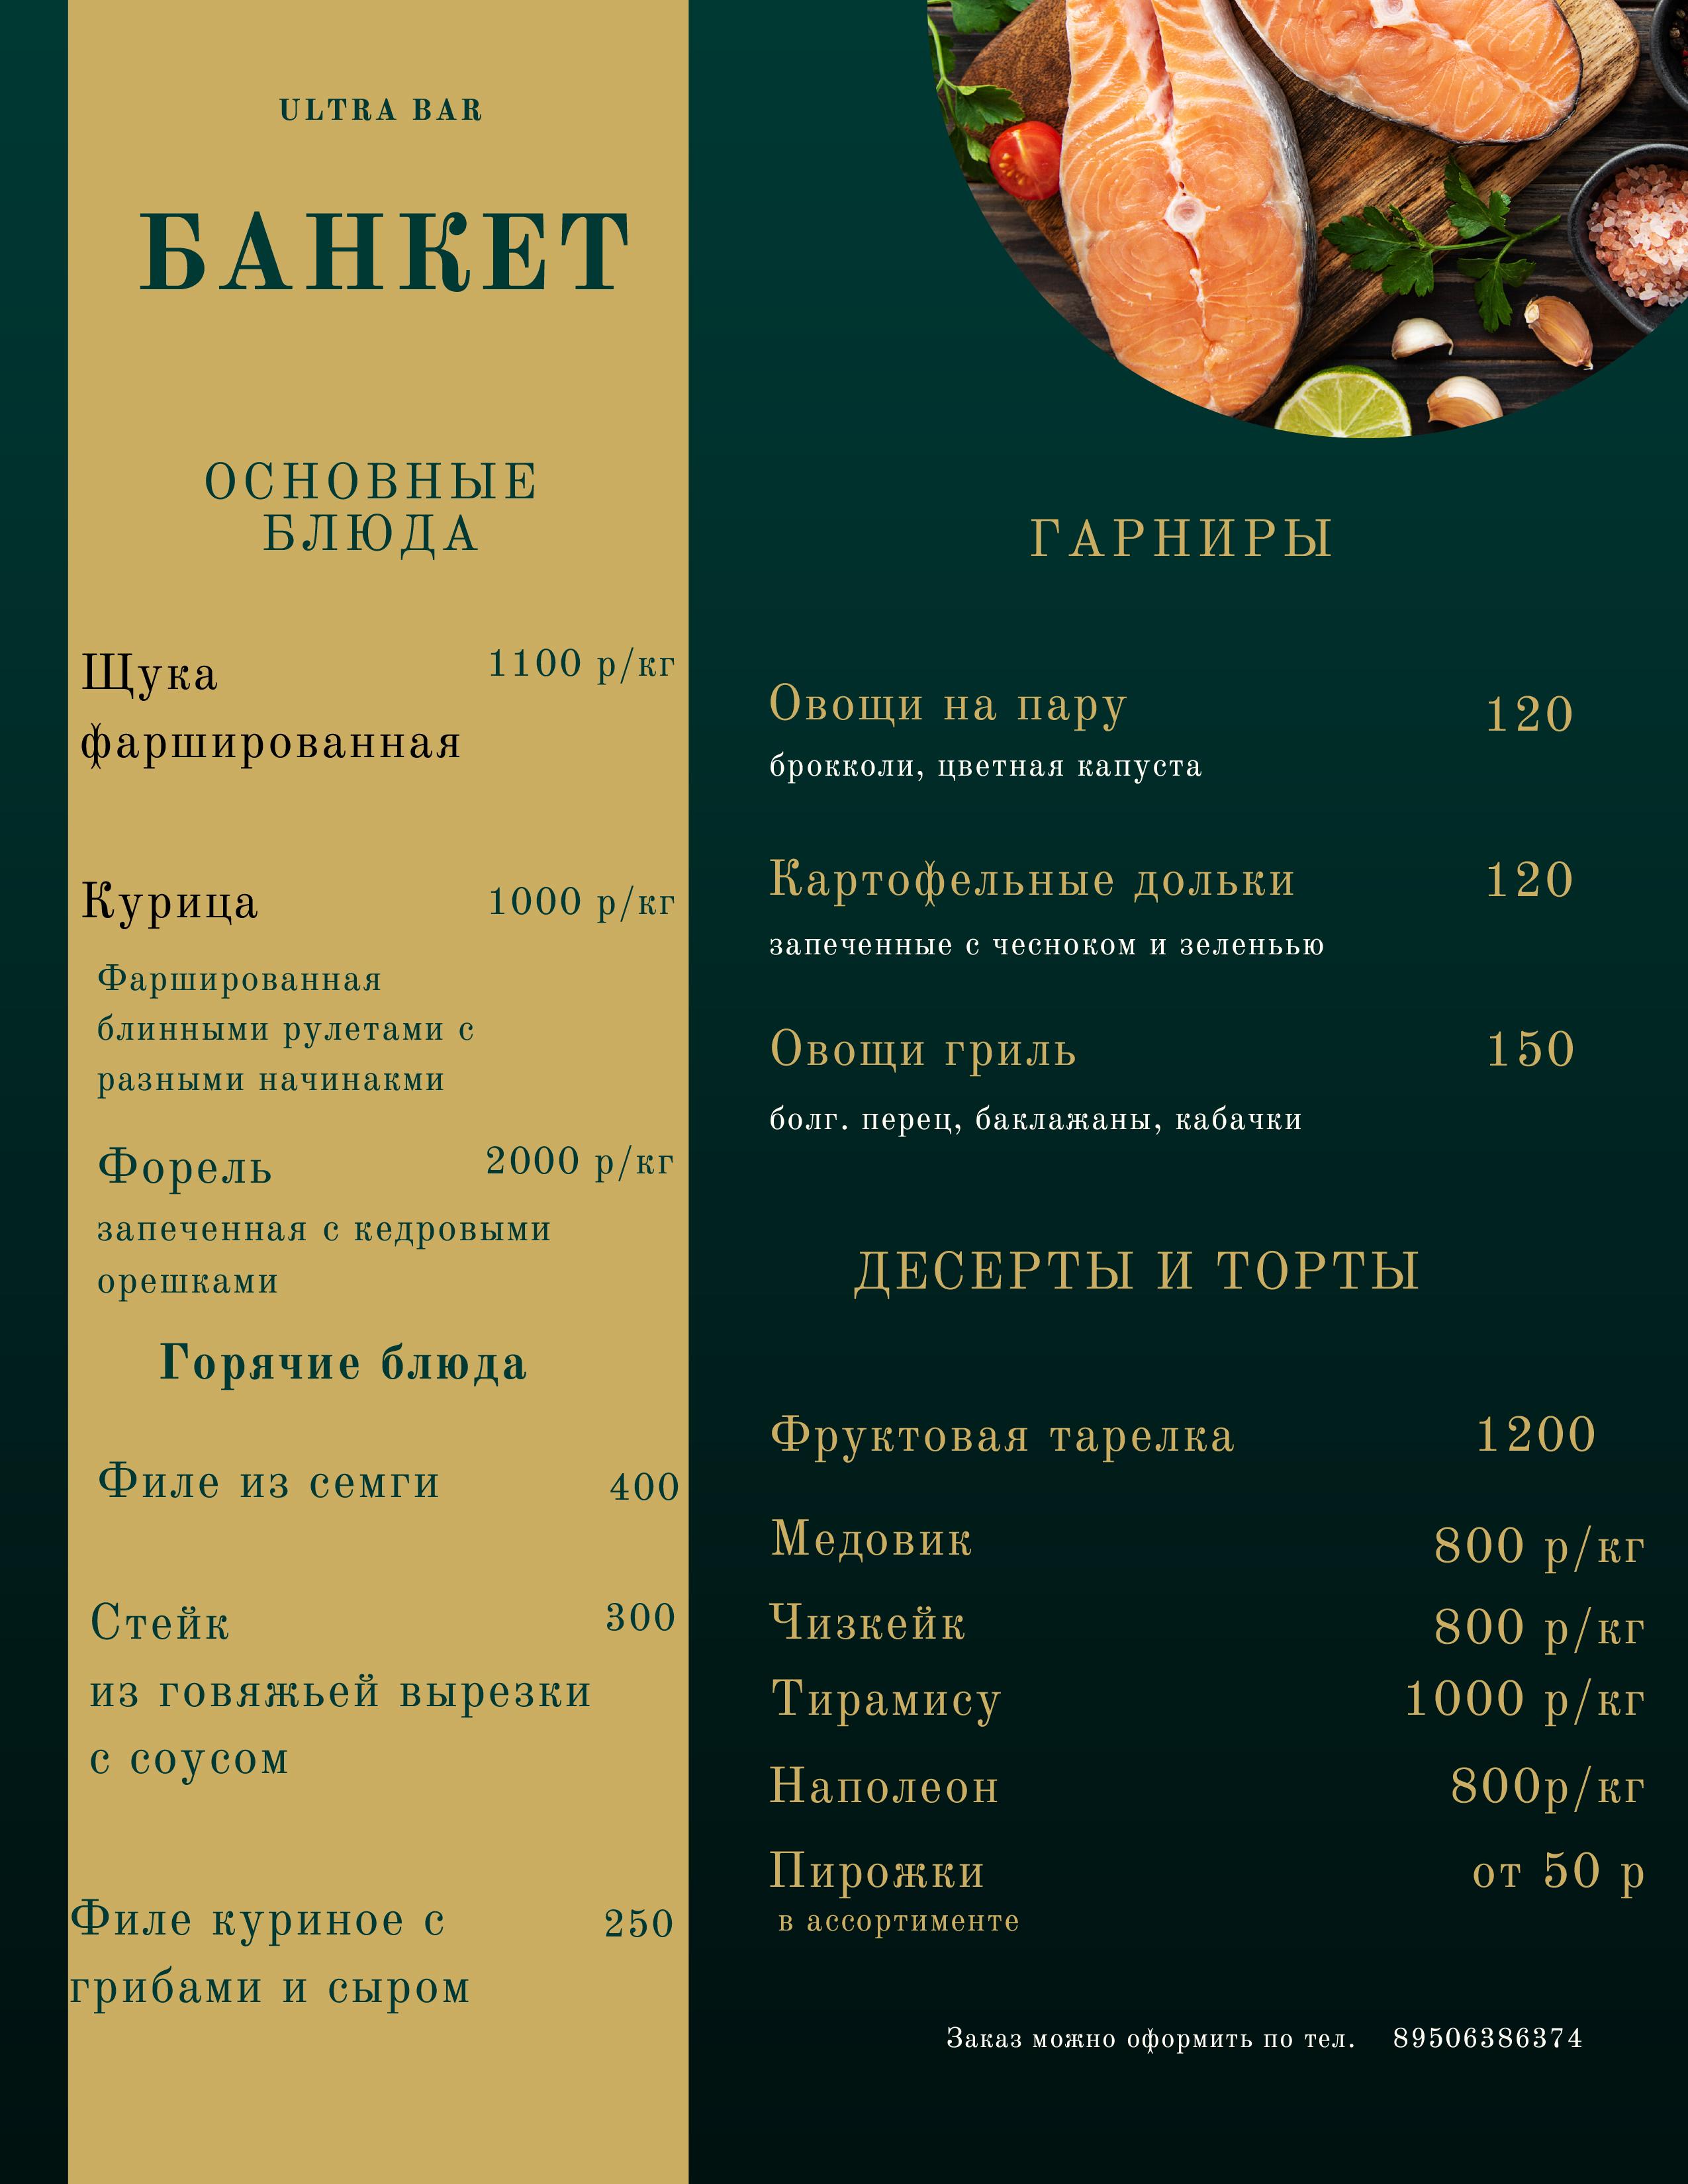 Банкетное меню!